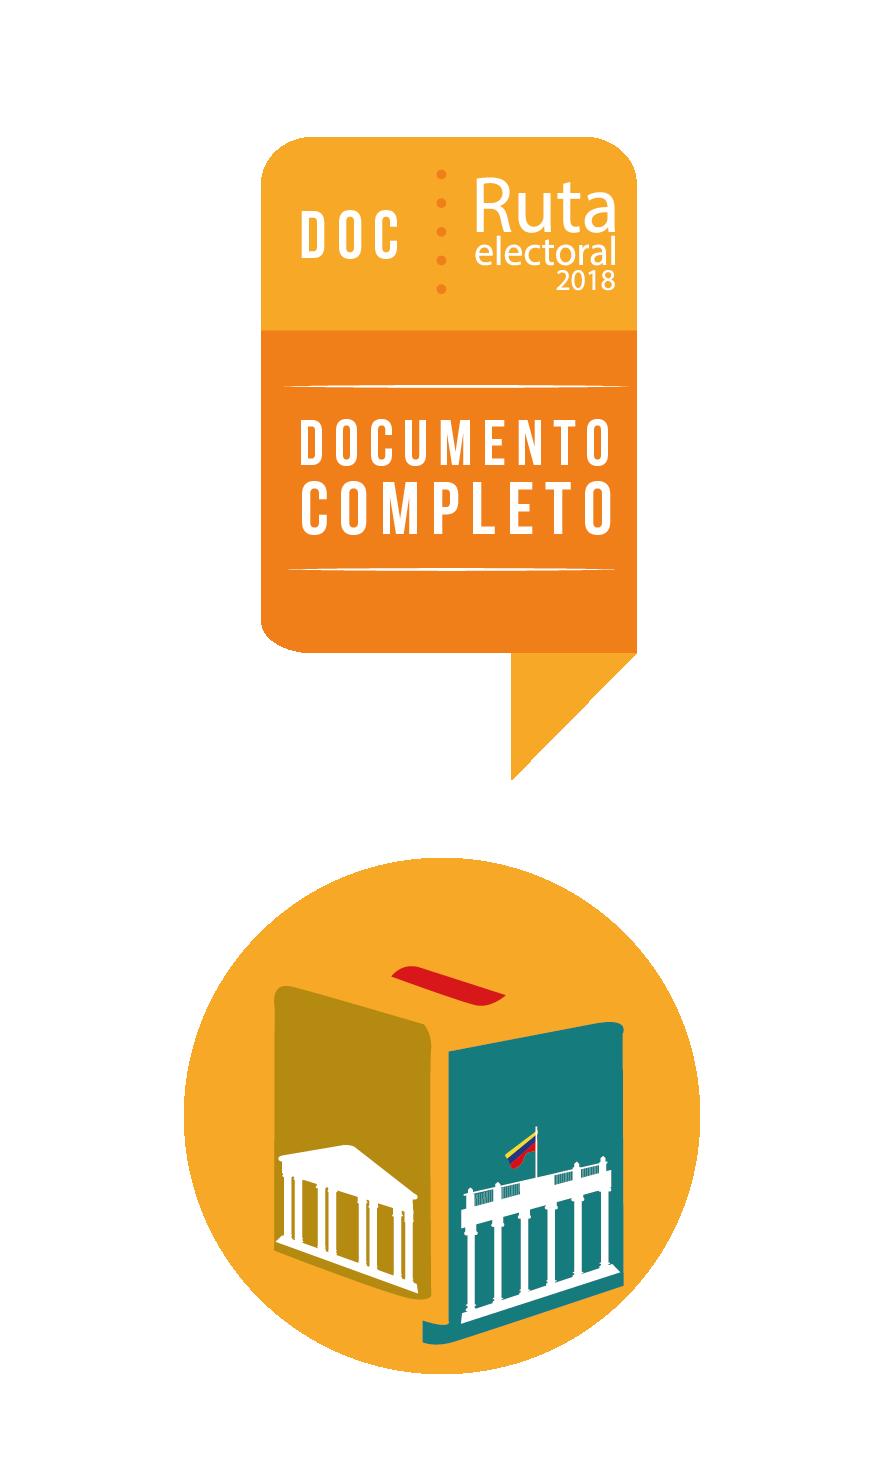 Documento completo: Ruta Electoral 2018